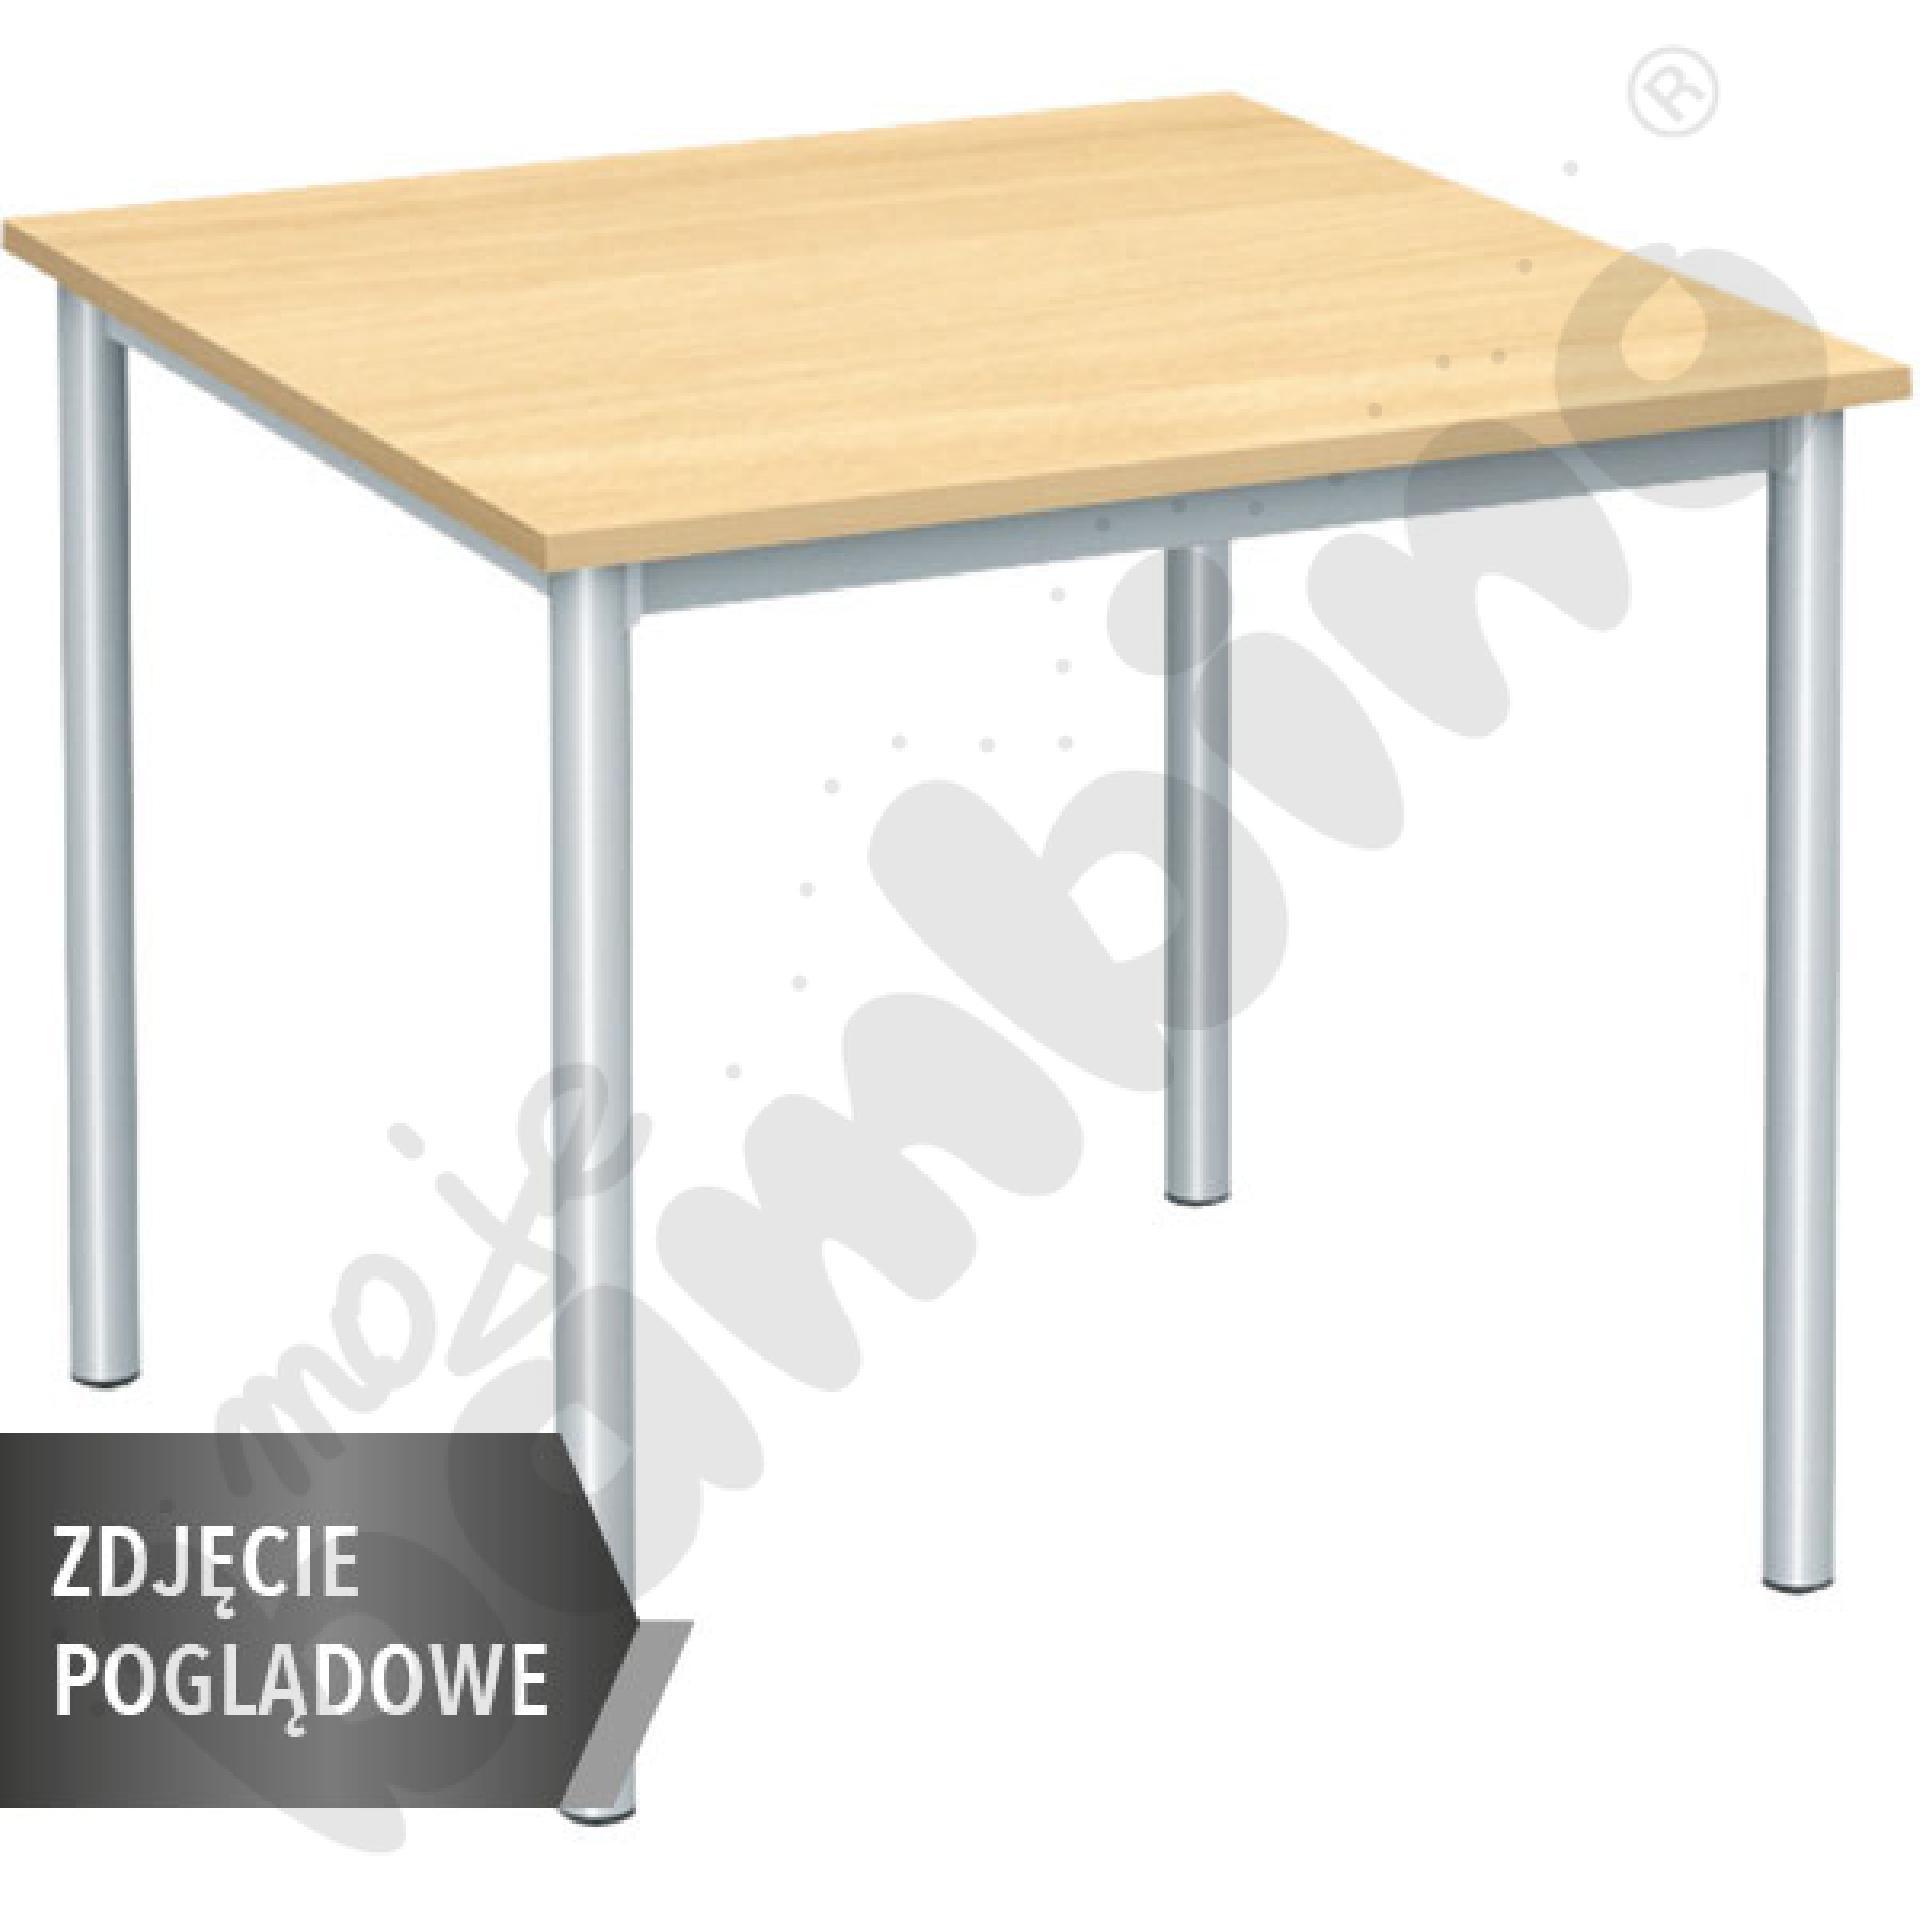 Stół Mila 80x80 rozm. 6, 4os., stelaż niebieski, blat klon, obrzeże ABS, narożniki proste